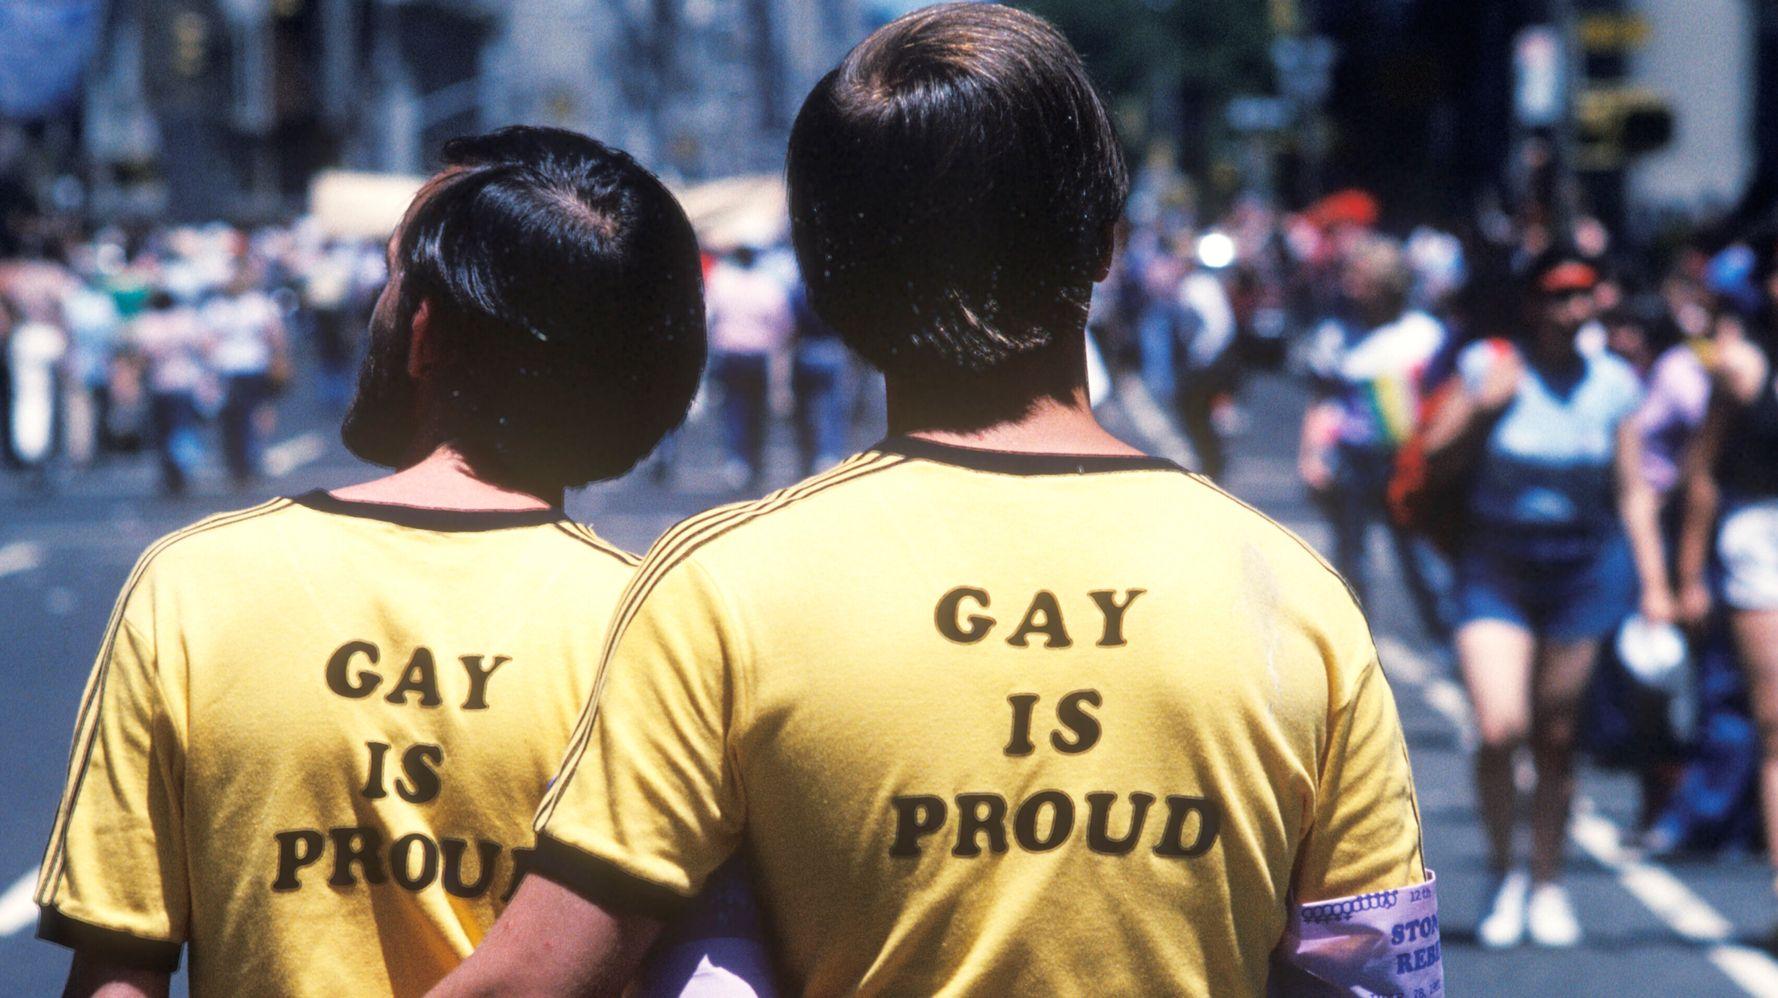 50 Vintage Photos Of Pride Parades In The U.S.